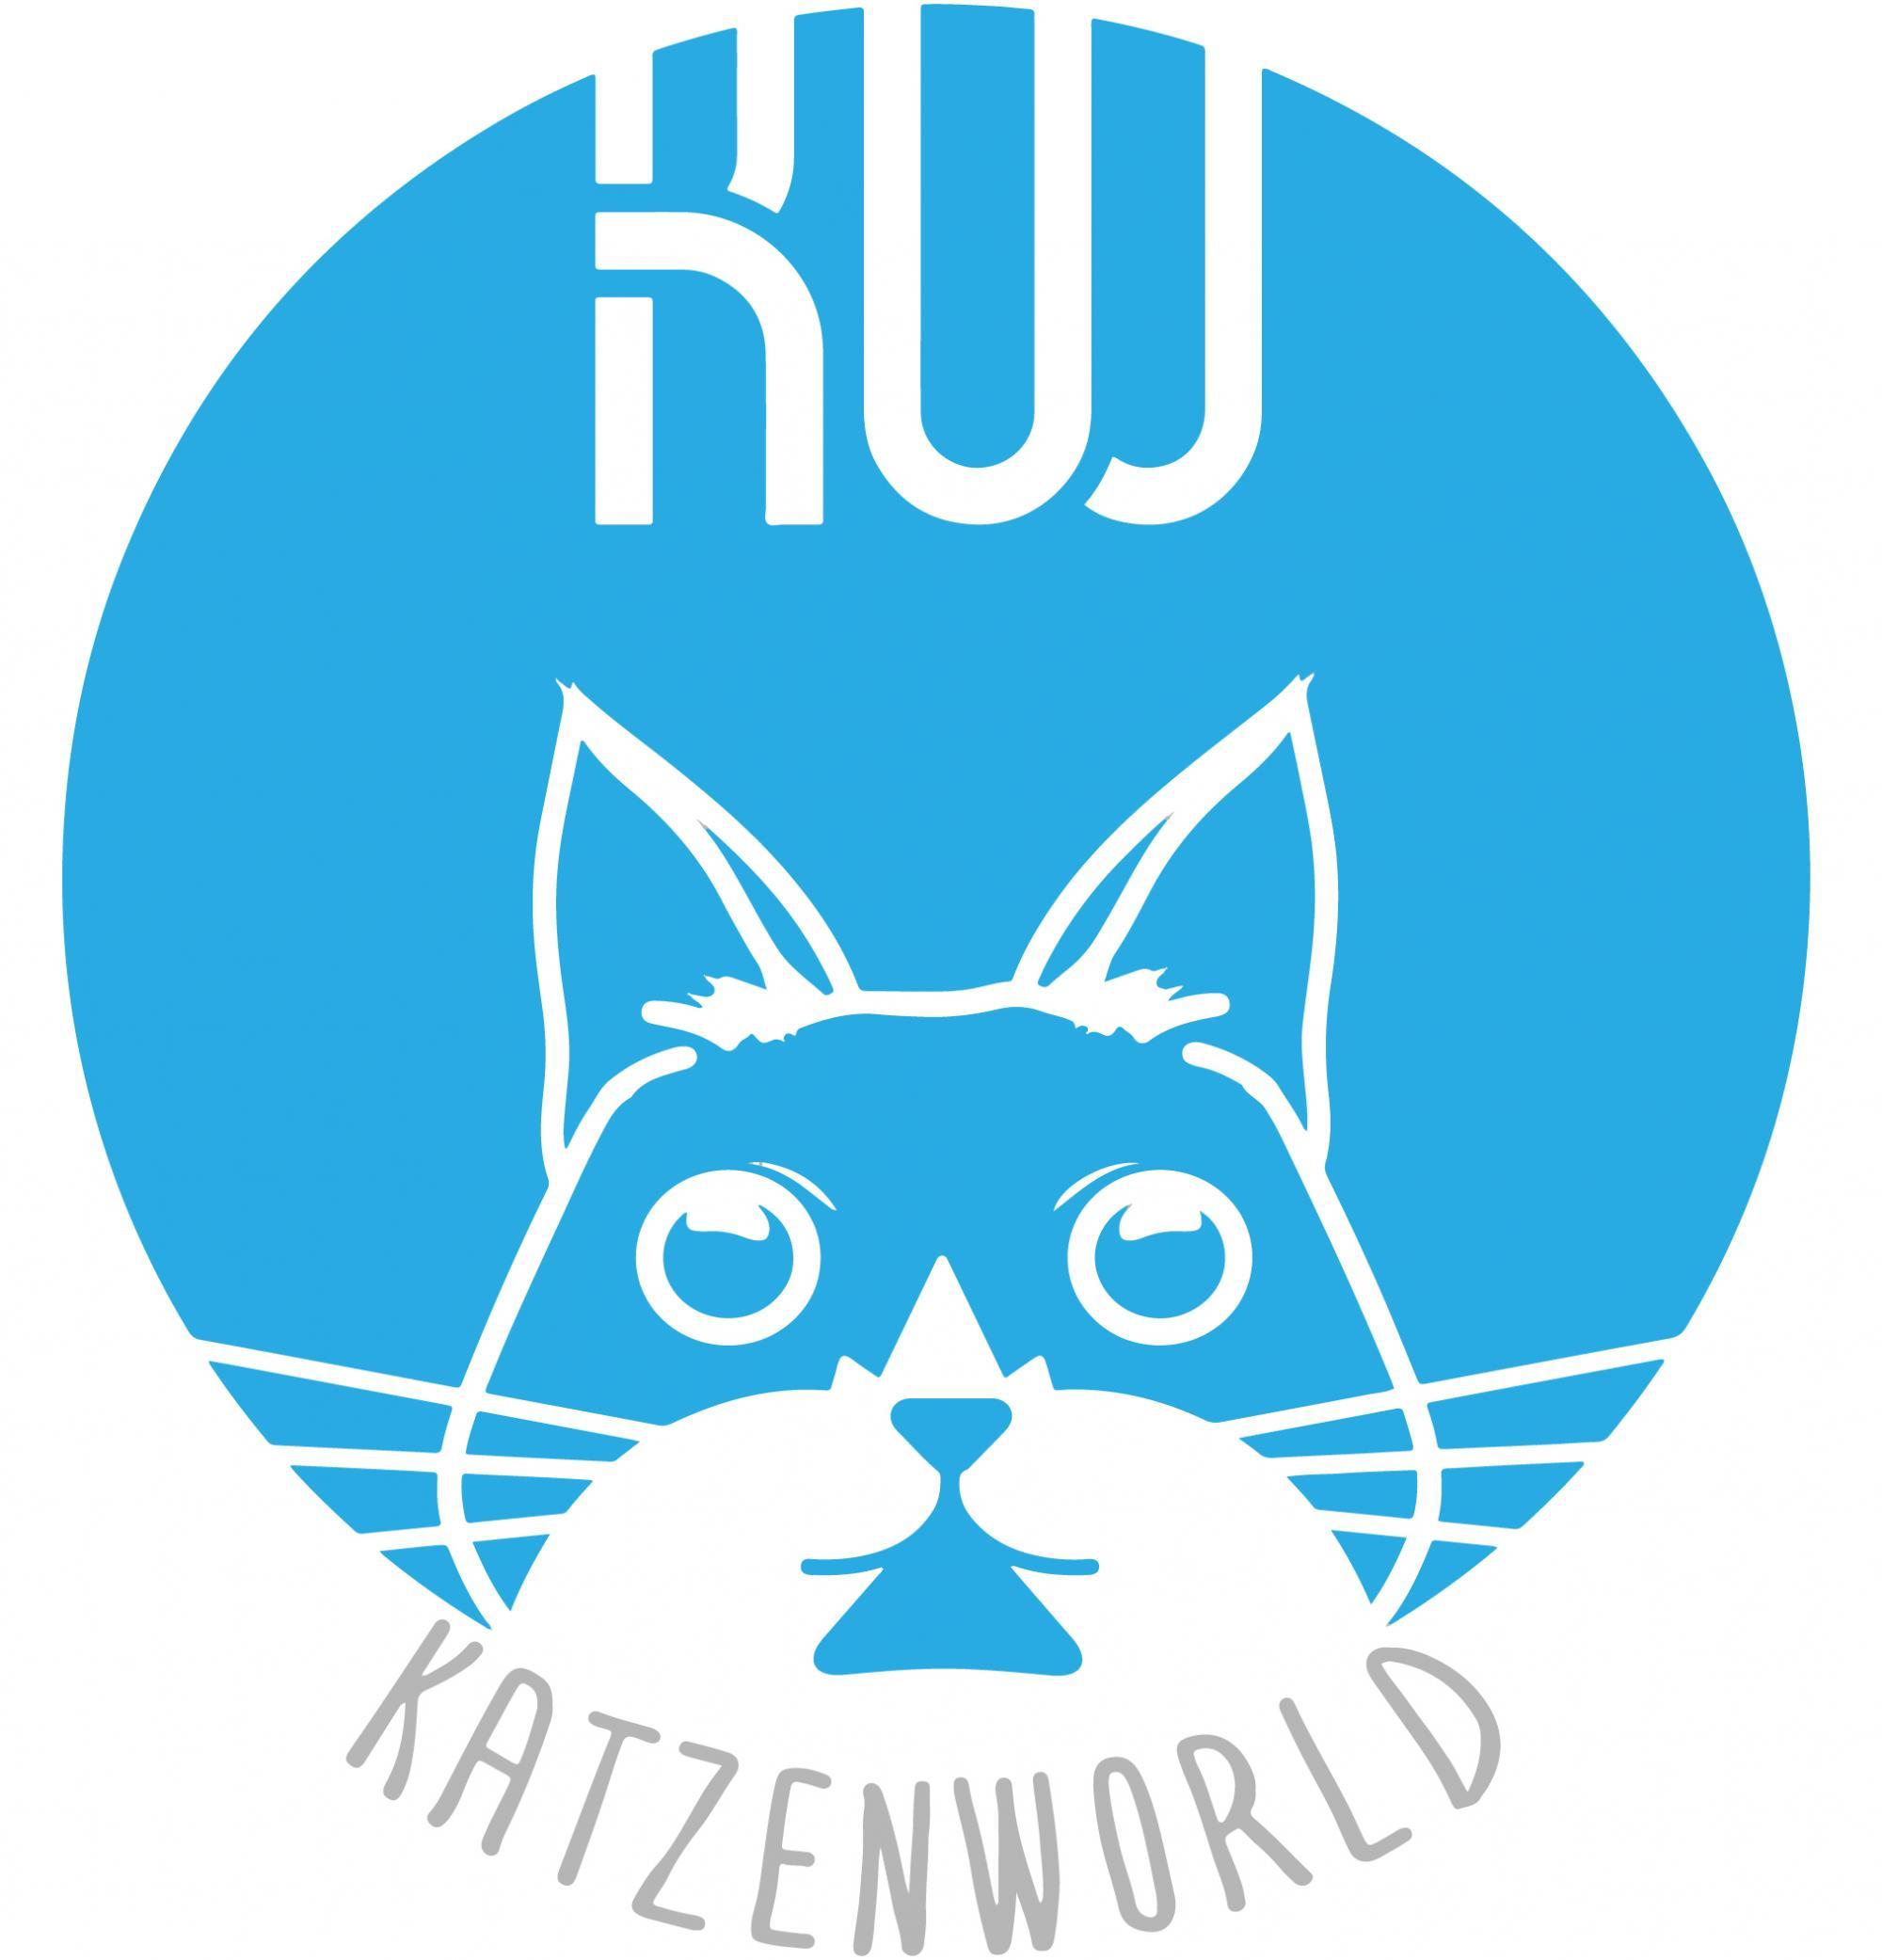 Katzenworld Shop